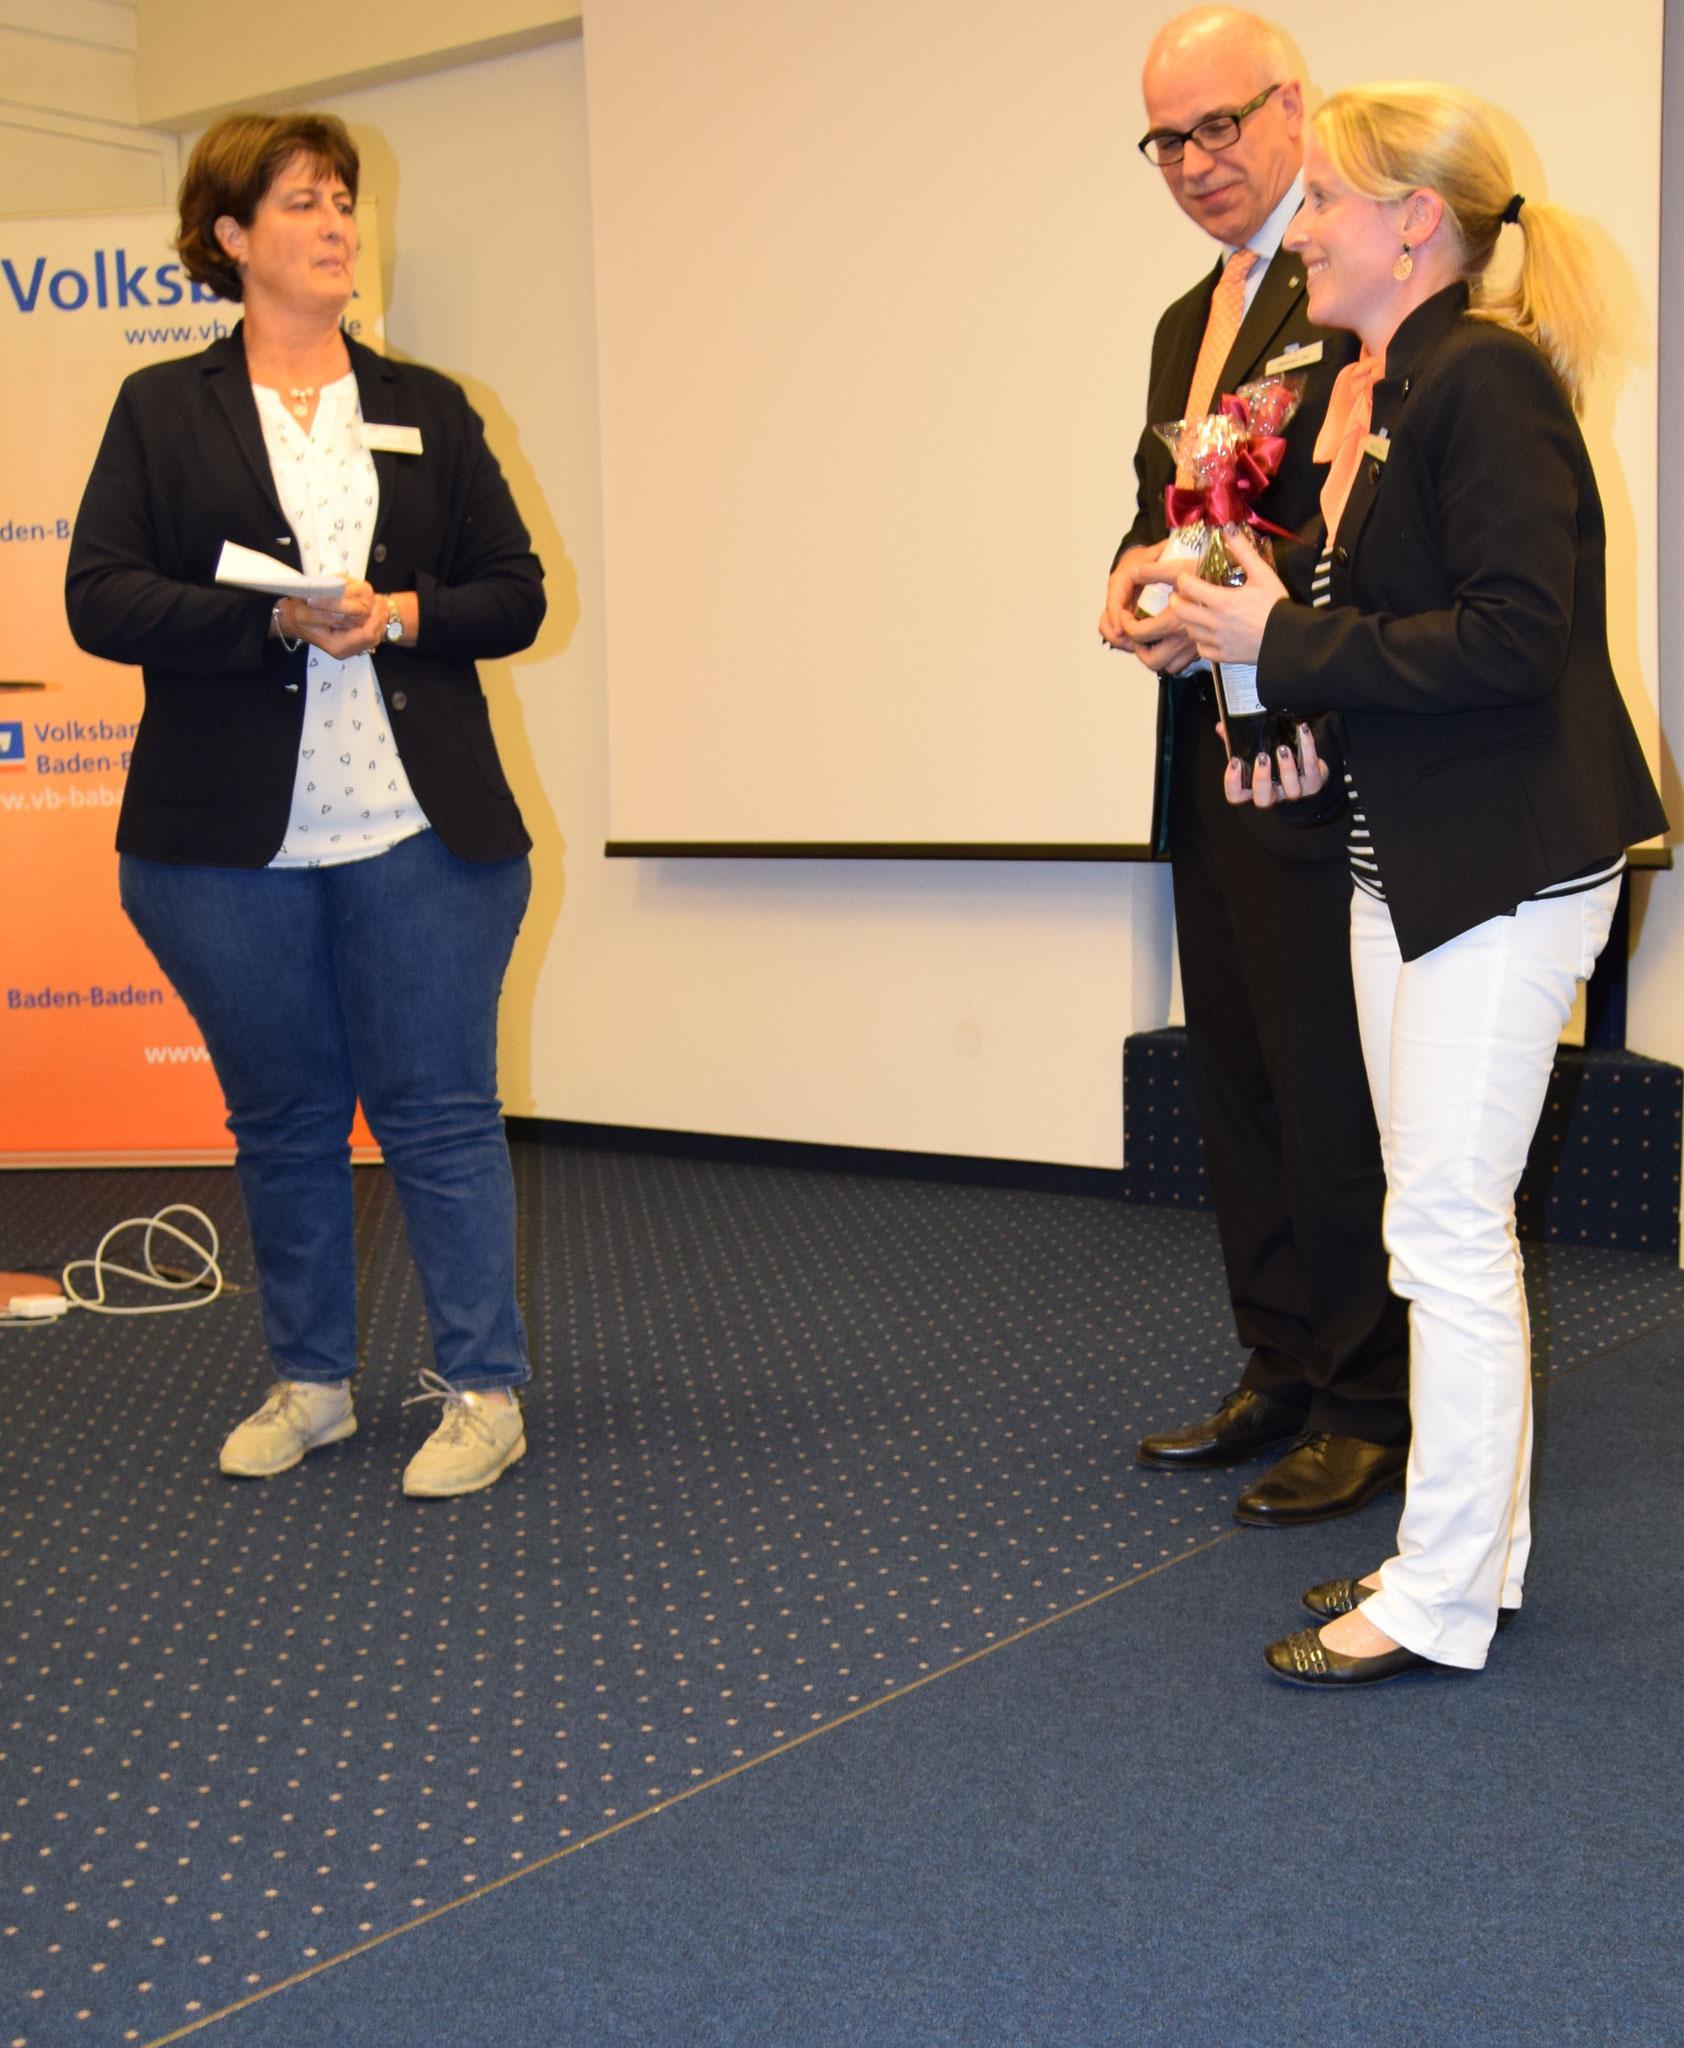 09-17 Dank von Annette Hermes-Schmid an Frau Fischer u. Herrn Veit, Voba